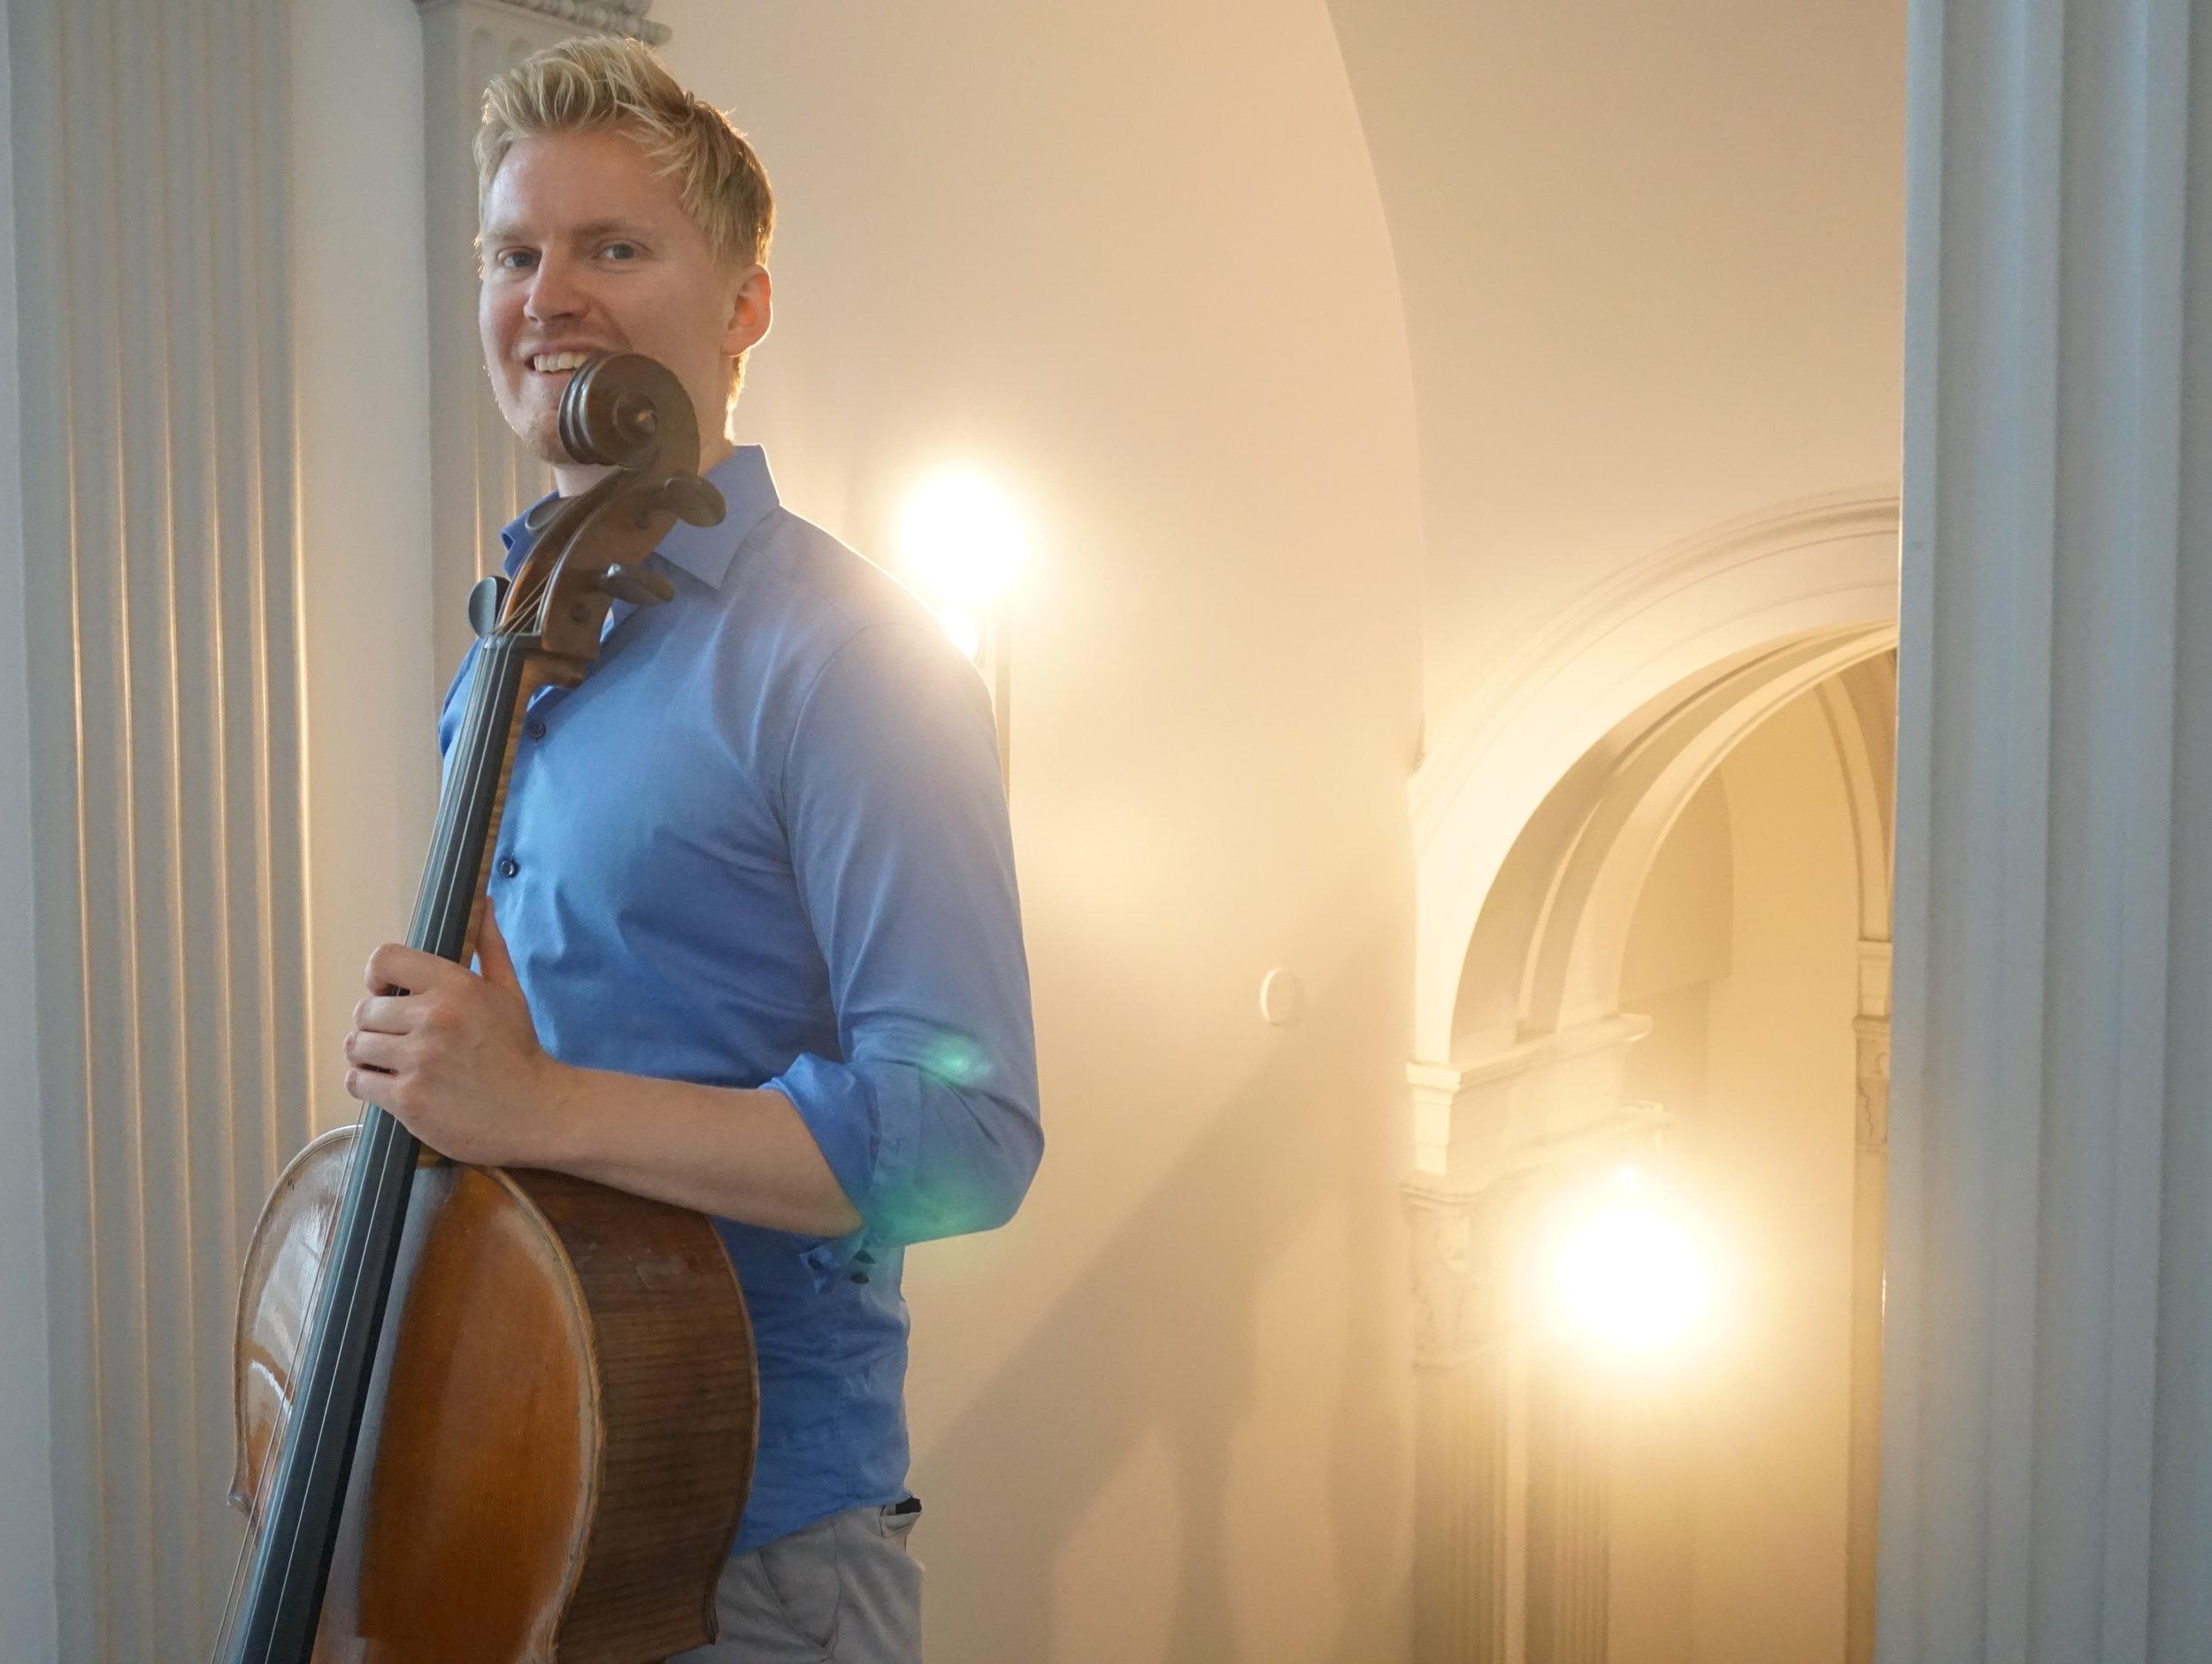 Helsinki Chamber Music Festivalin taiteellinen johtaja Jaani Helander valmistautuu avajaispäivän iltakonserttiin G 18 -salissa. 3.7.2020.